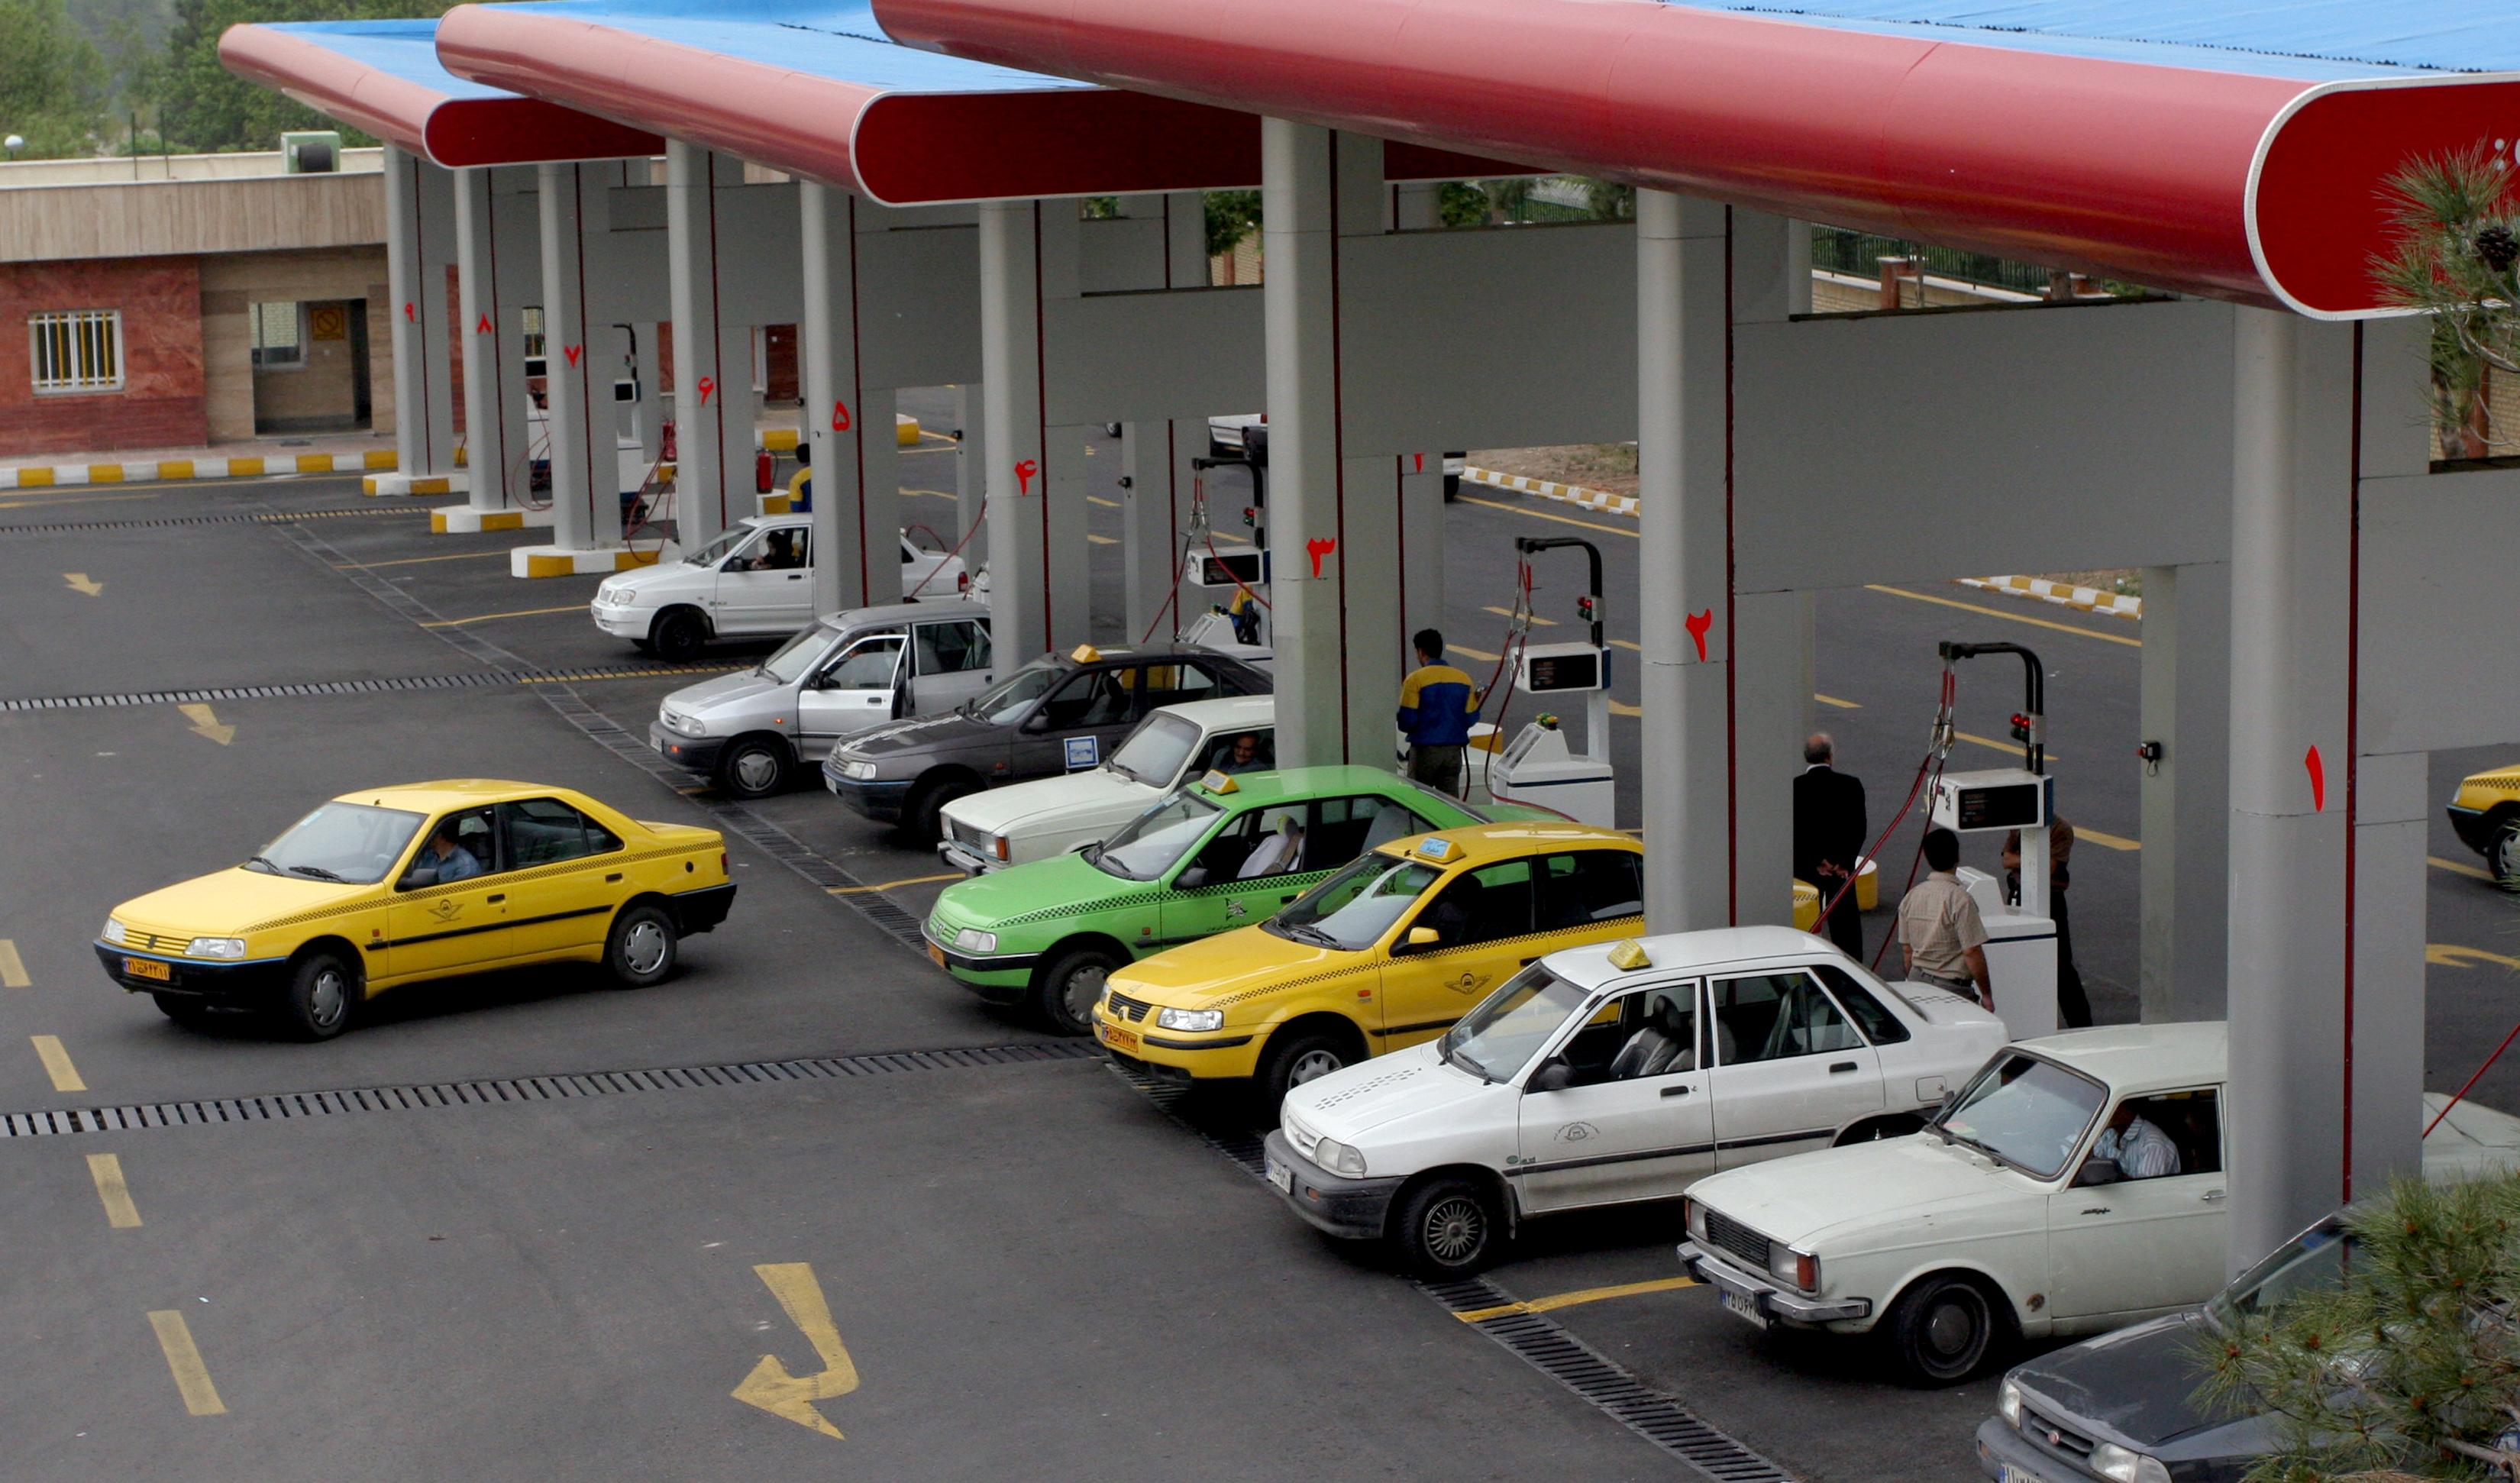 میزان تولید خودروهای دوگانه سوز ایران خودرو افزایش پیدا می کند